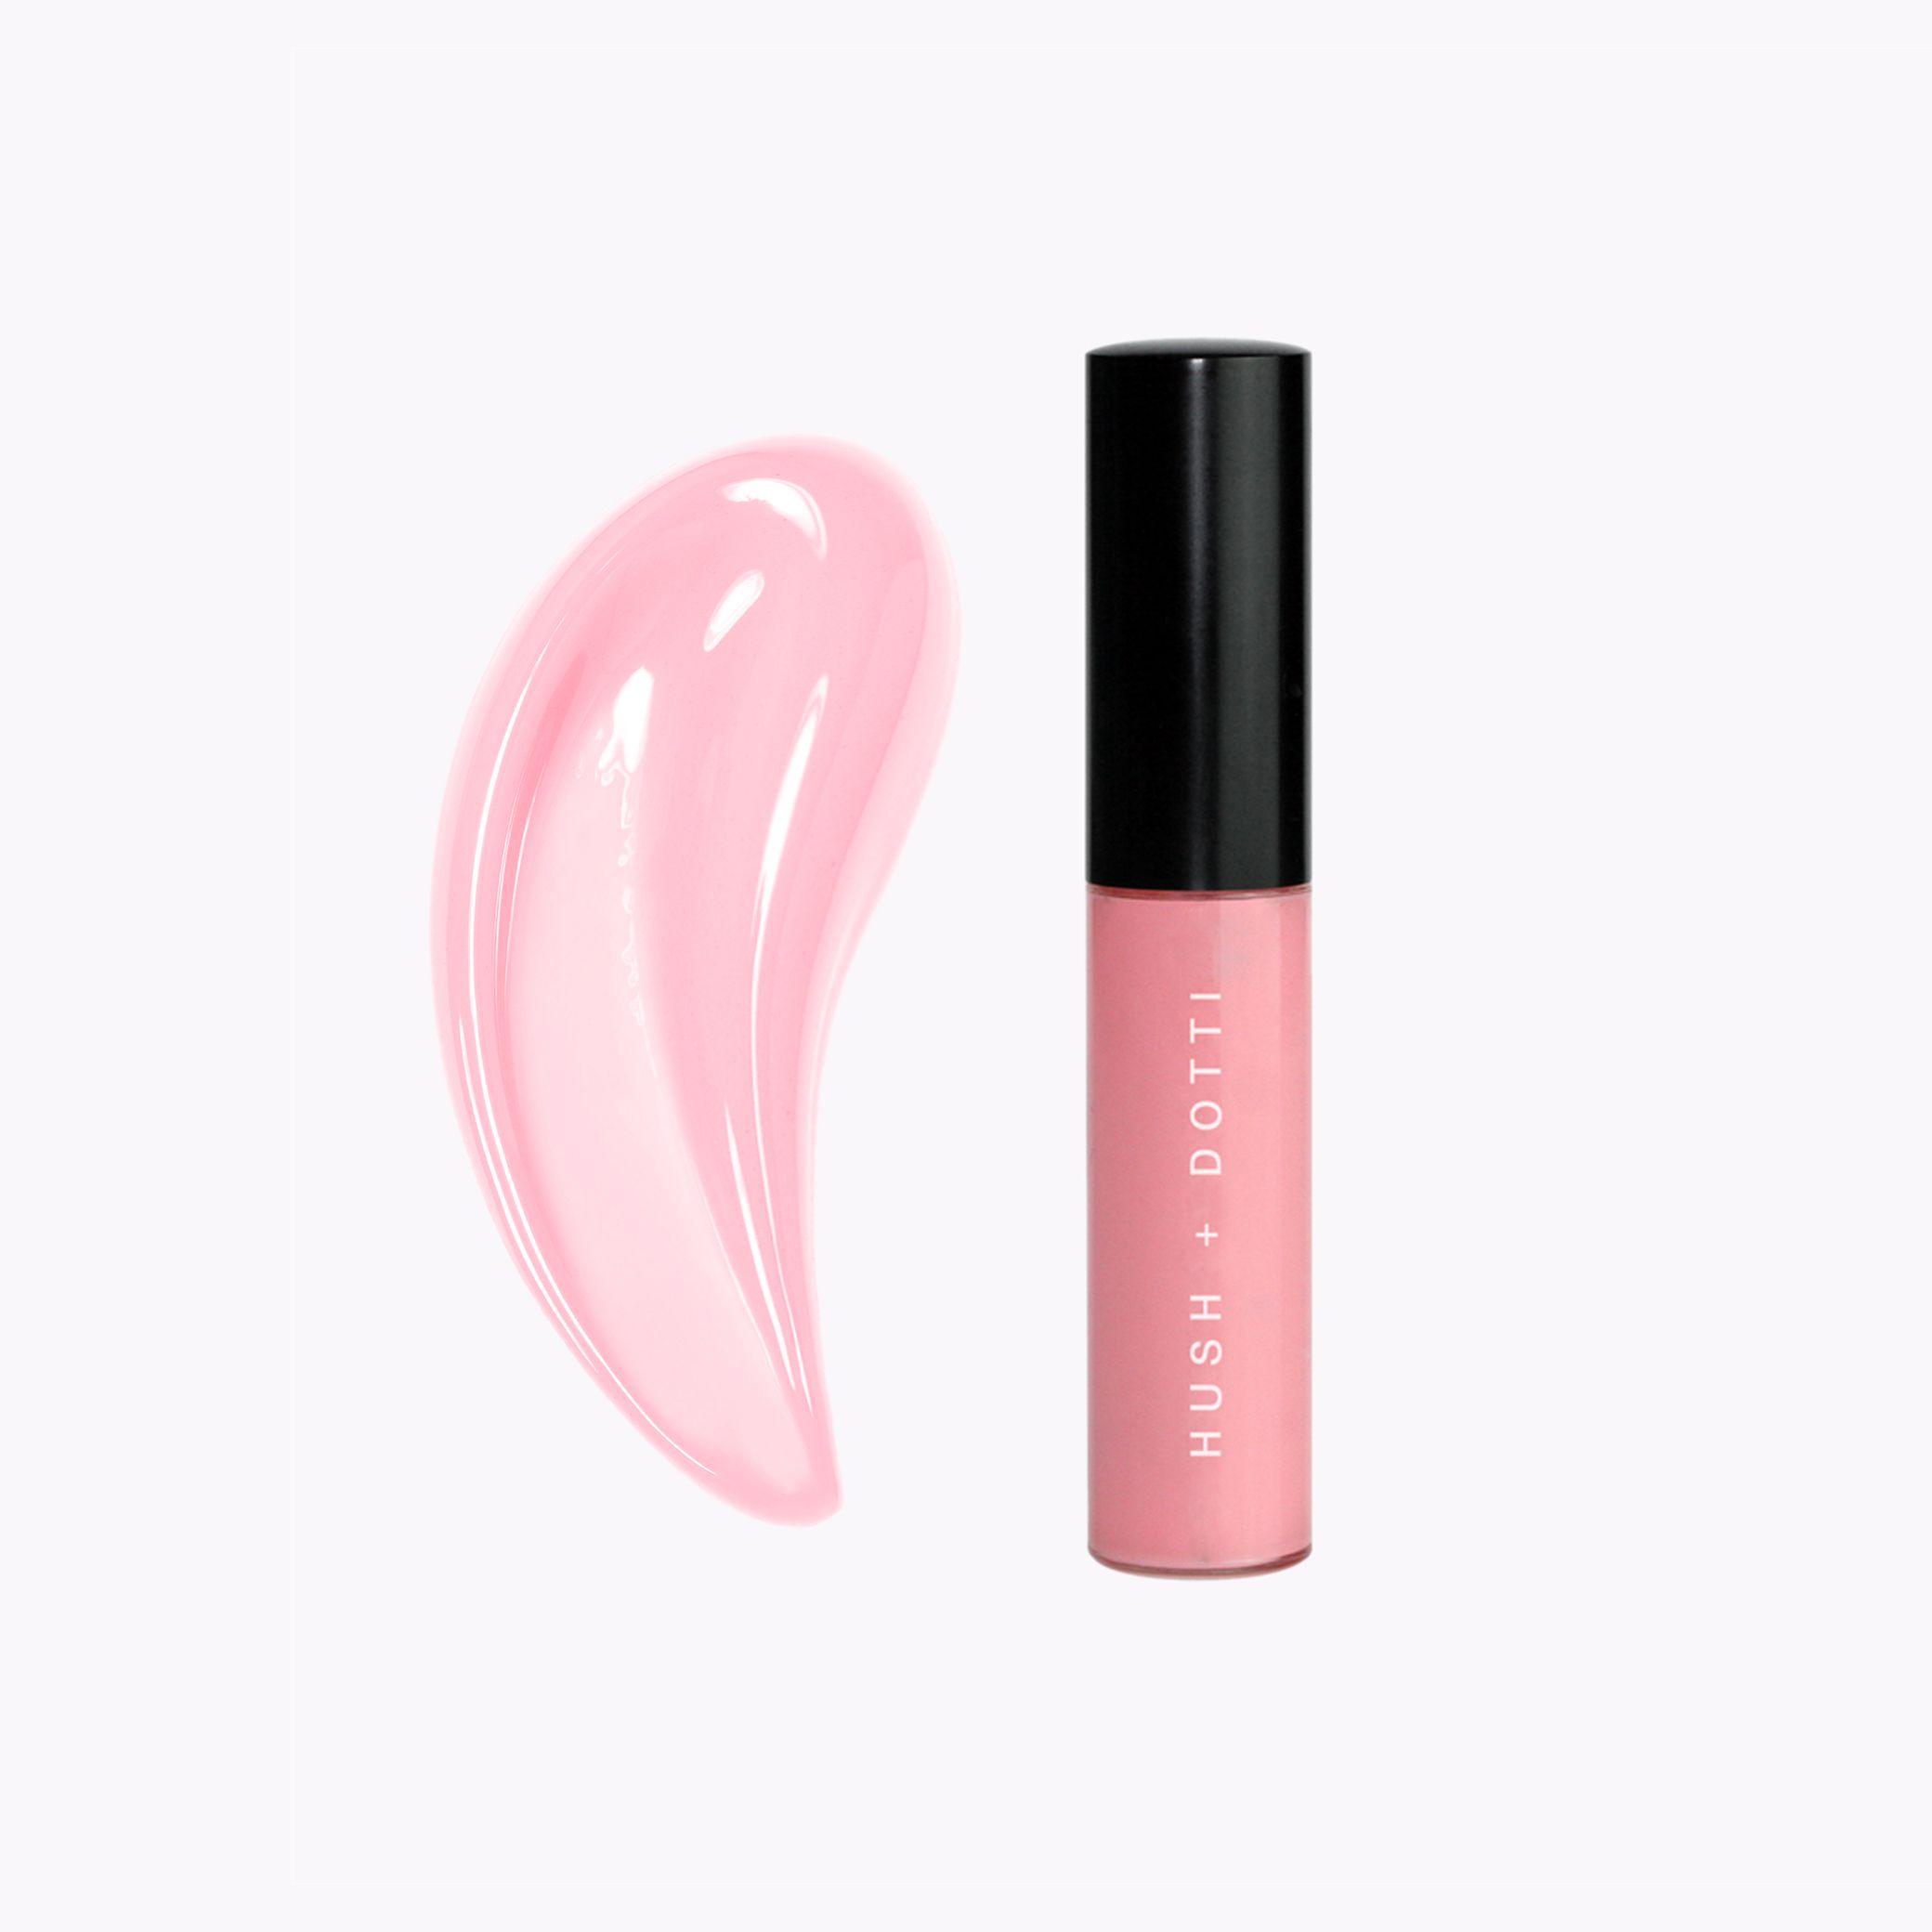 Hush + Dotti Organic Lip Gloss in Shelley